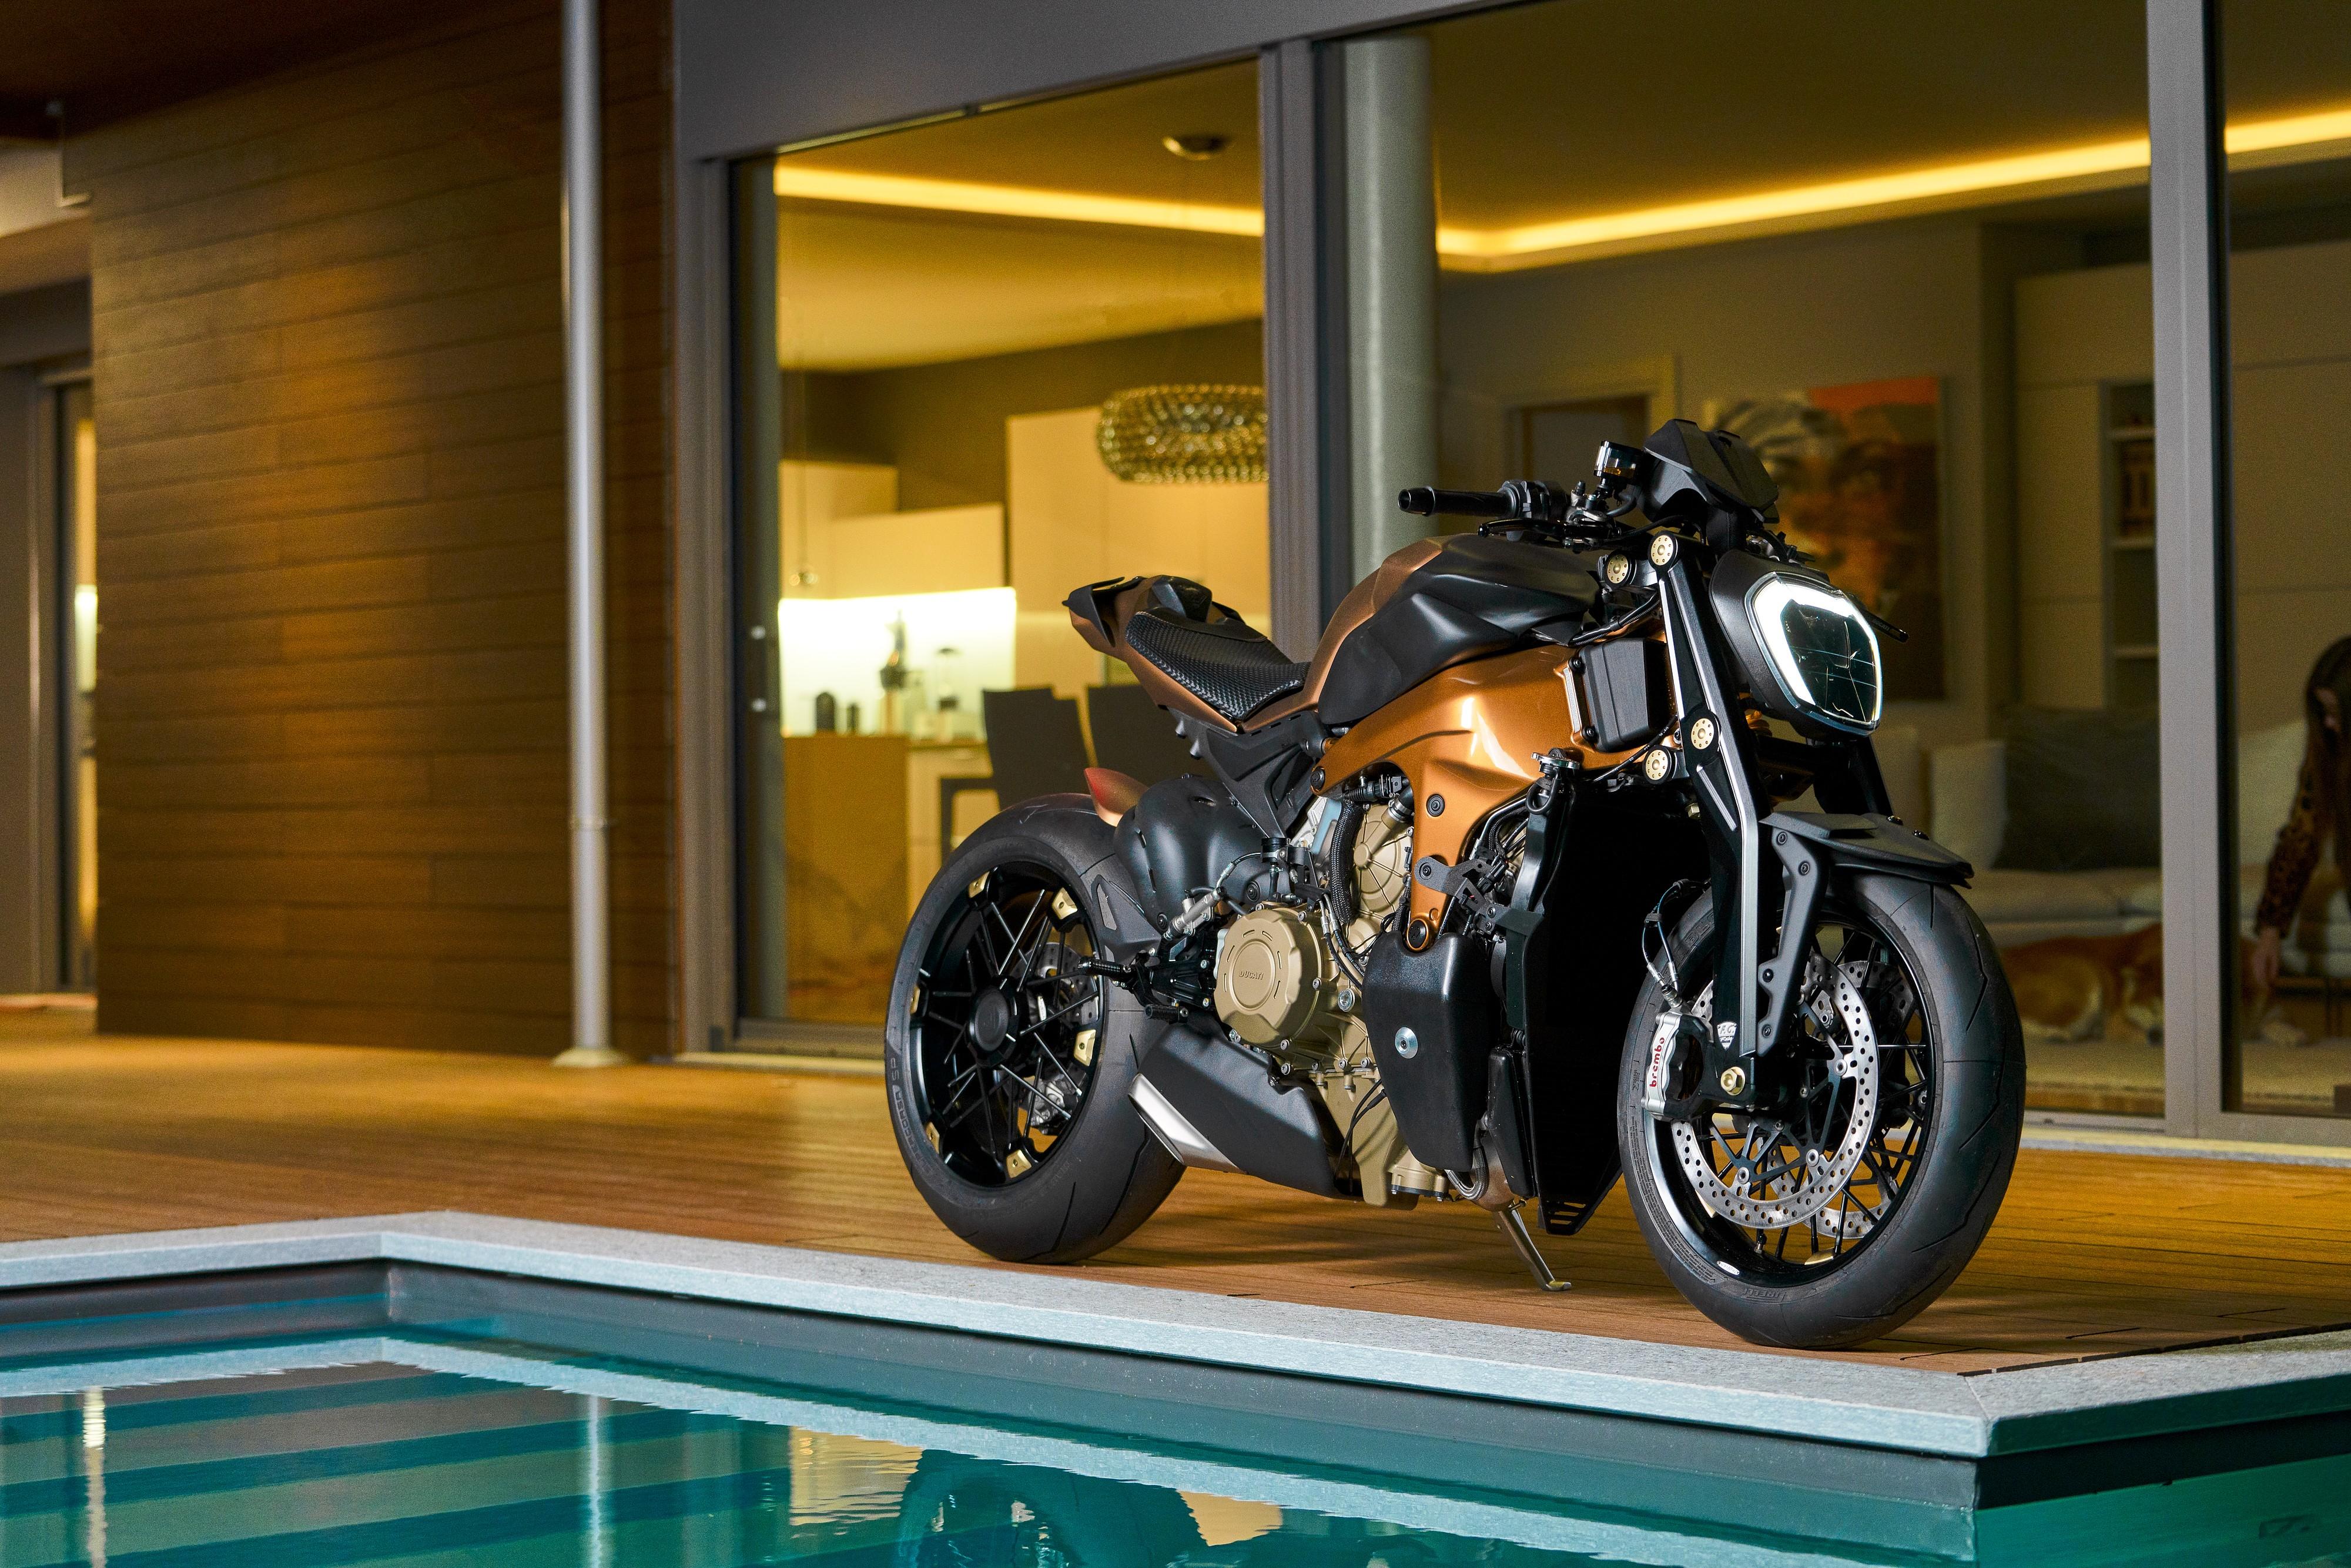 Motor Bike Expo in Verona